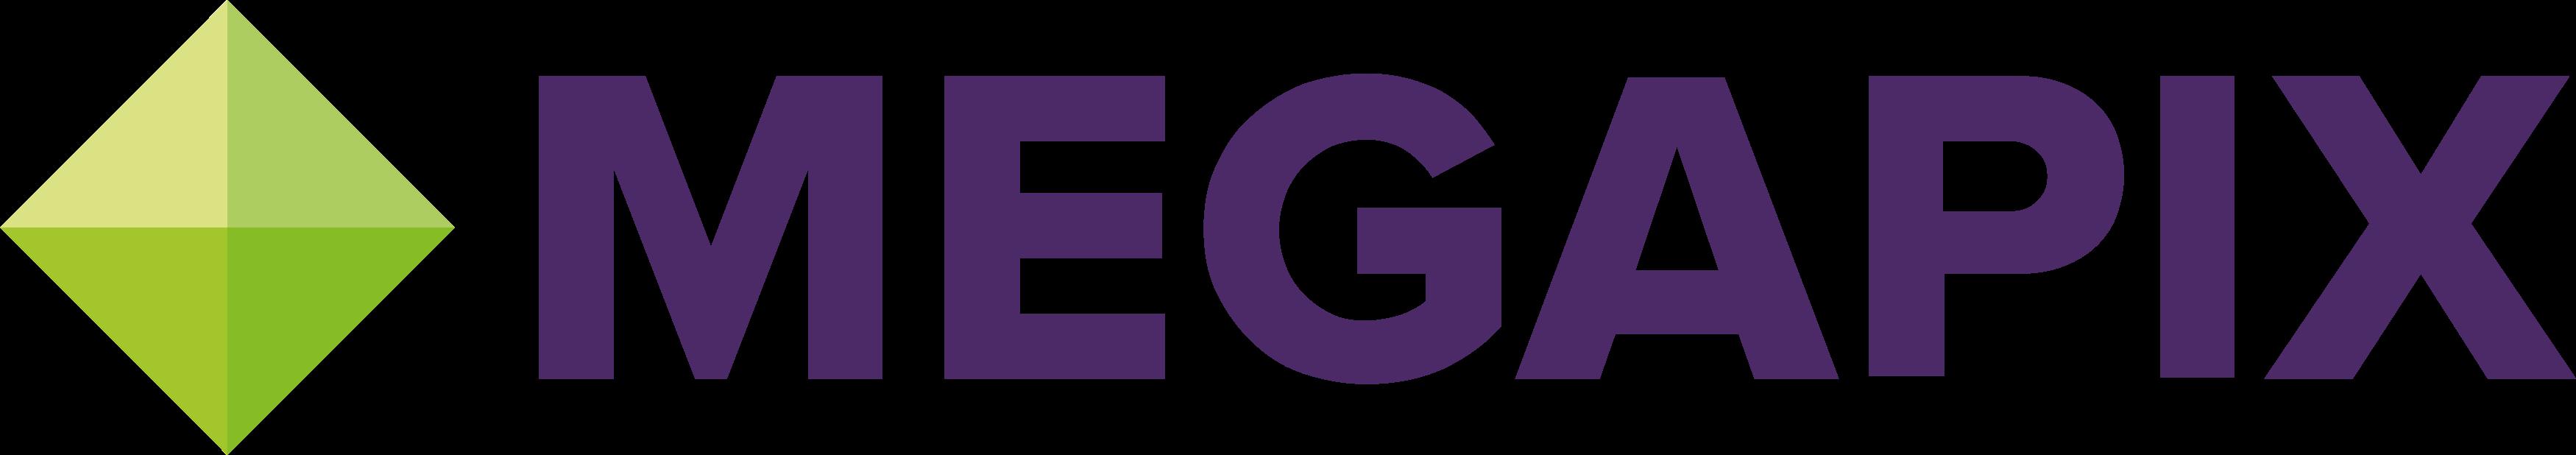 megapix logo.